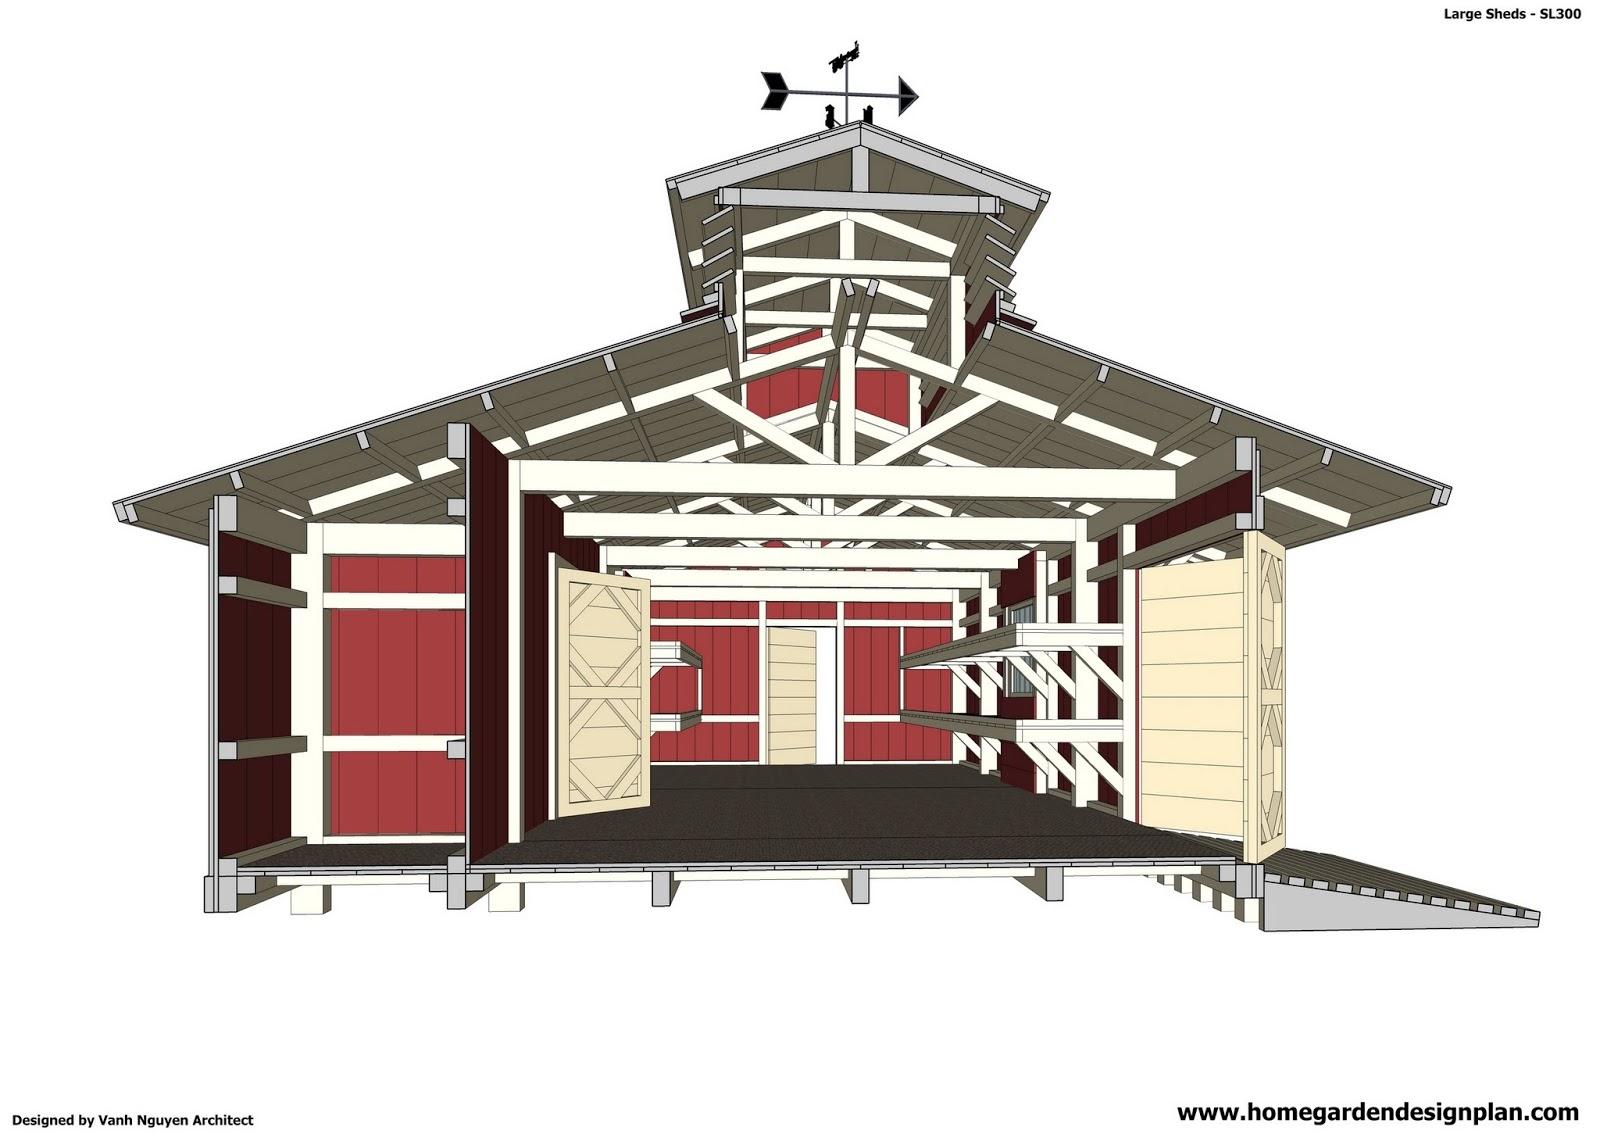 Home Garden Plans: SL300